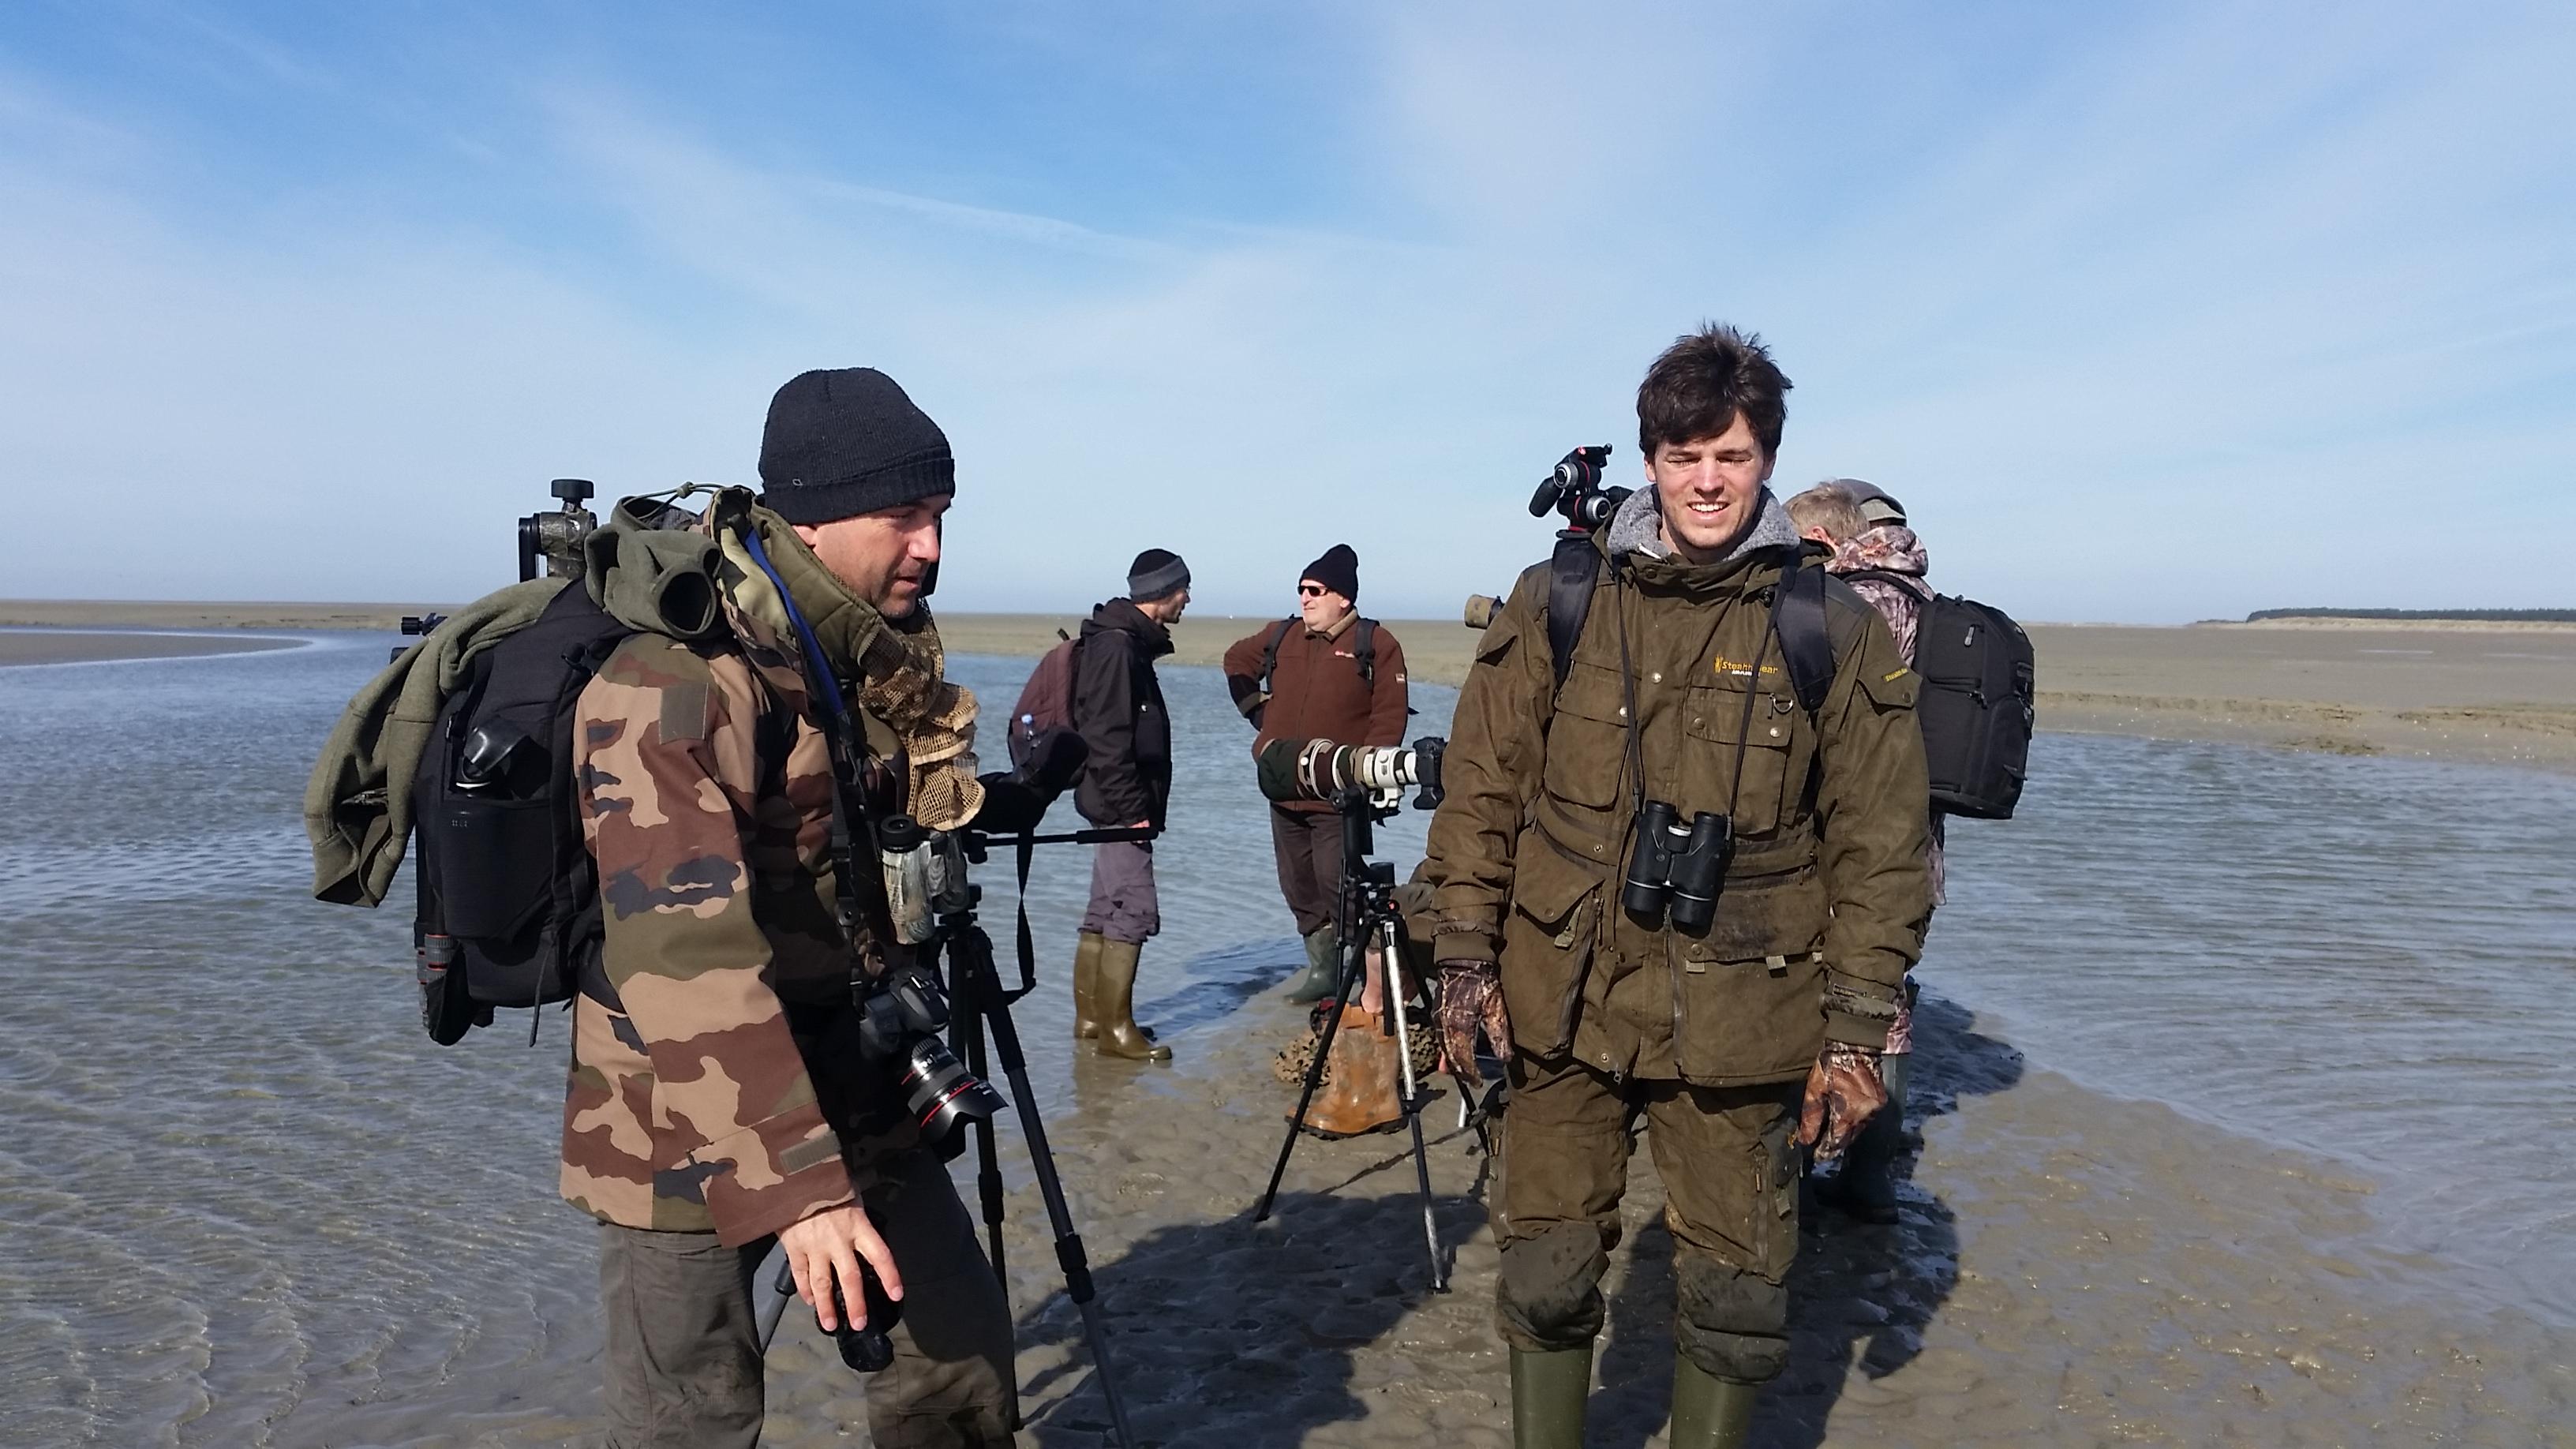 Rencontre photographique en baie de Somme – Jusqu'au banc de l'Îlette